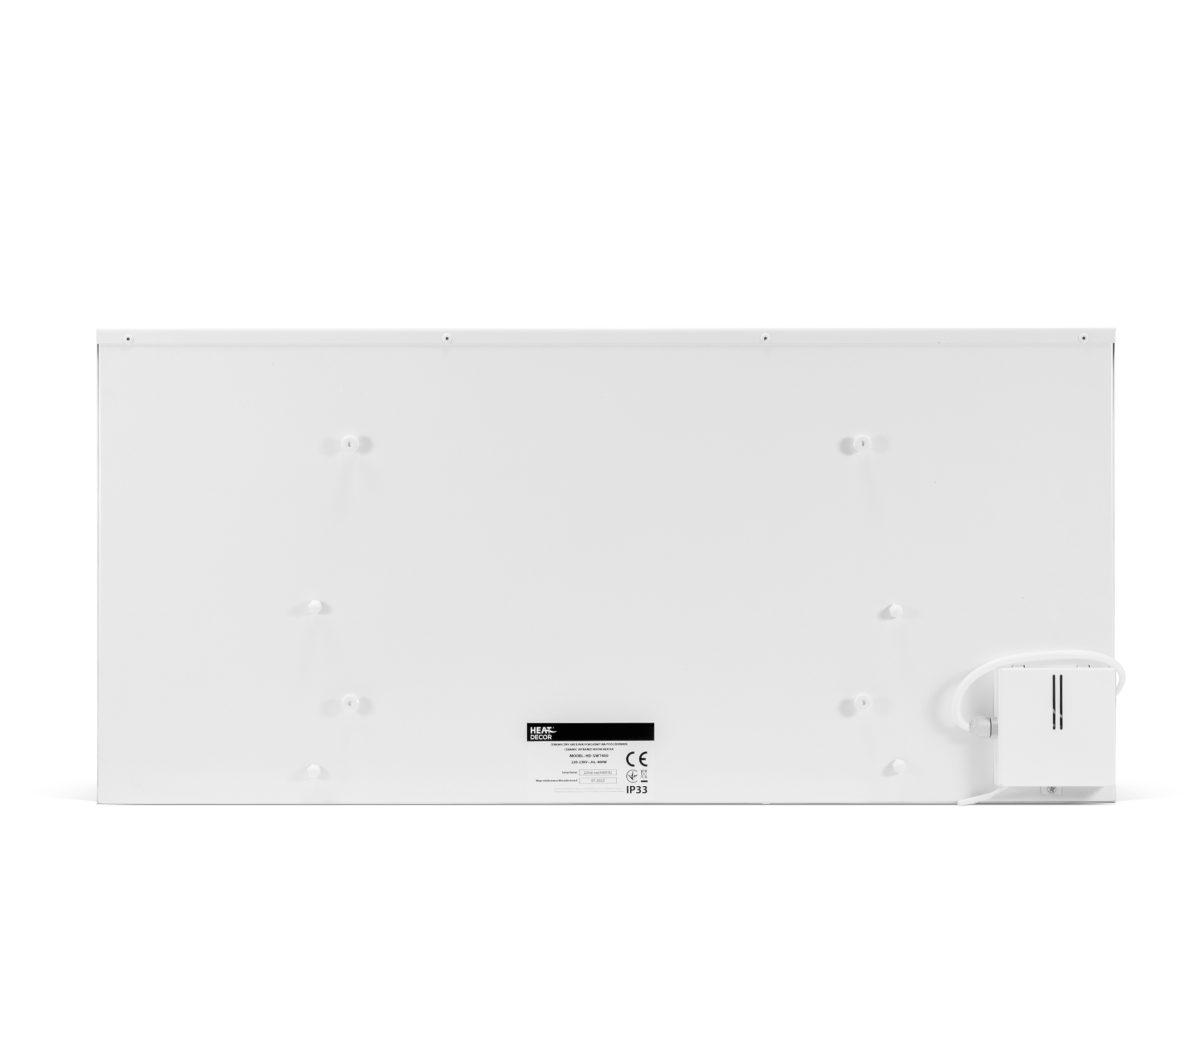 Grzejnik na podczerwień Heat Decor HD-SWT400 - termostat MOC 400W